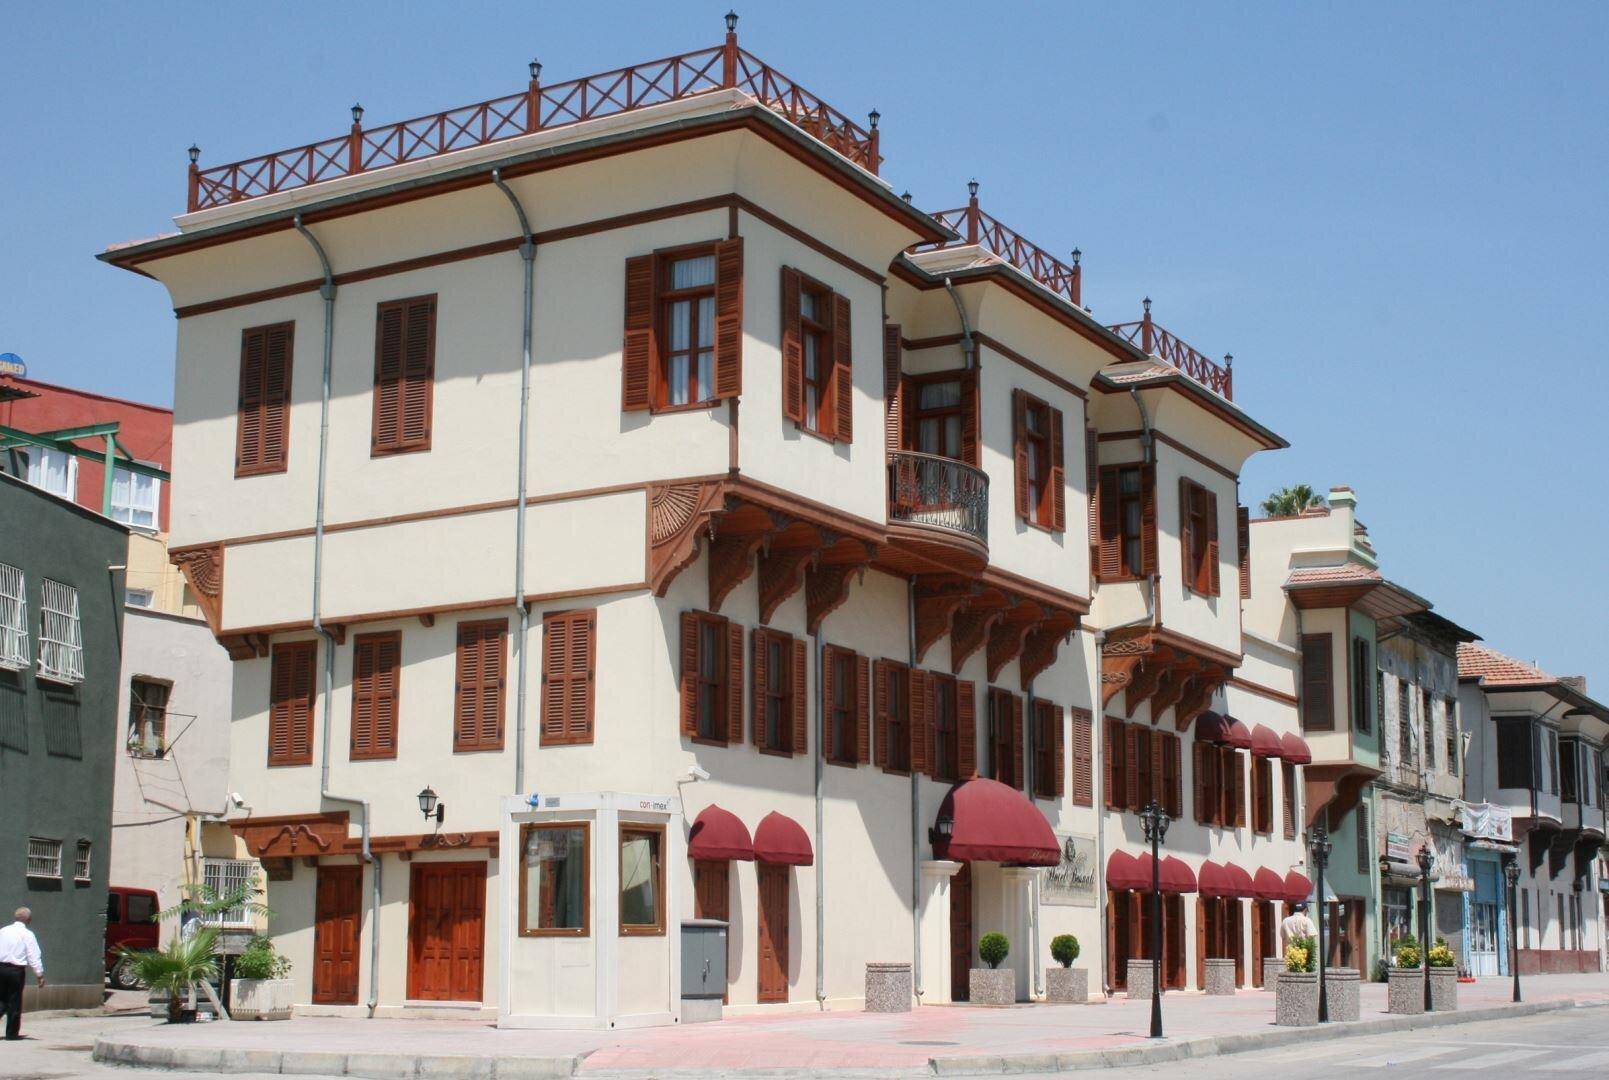 Bosnalı Hotel